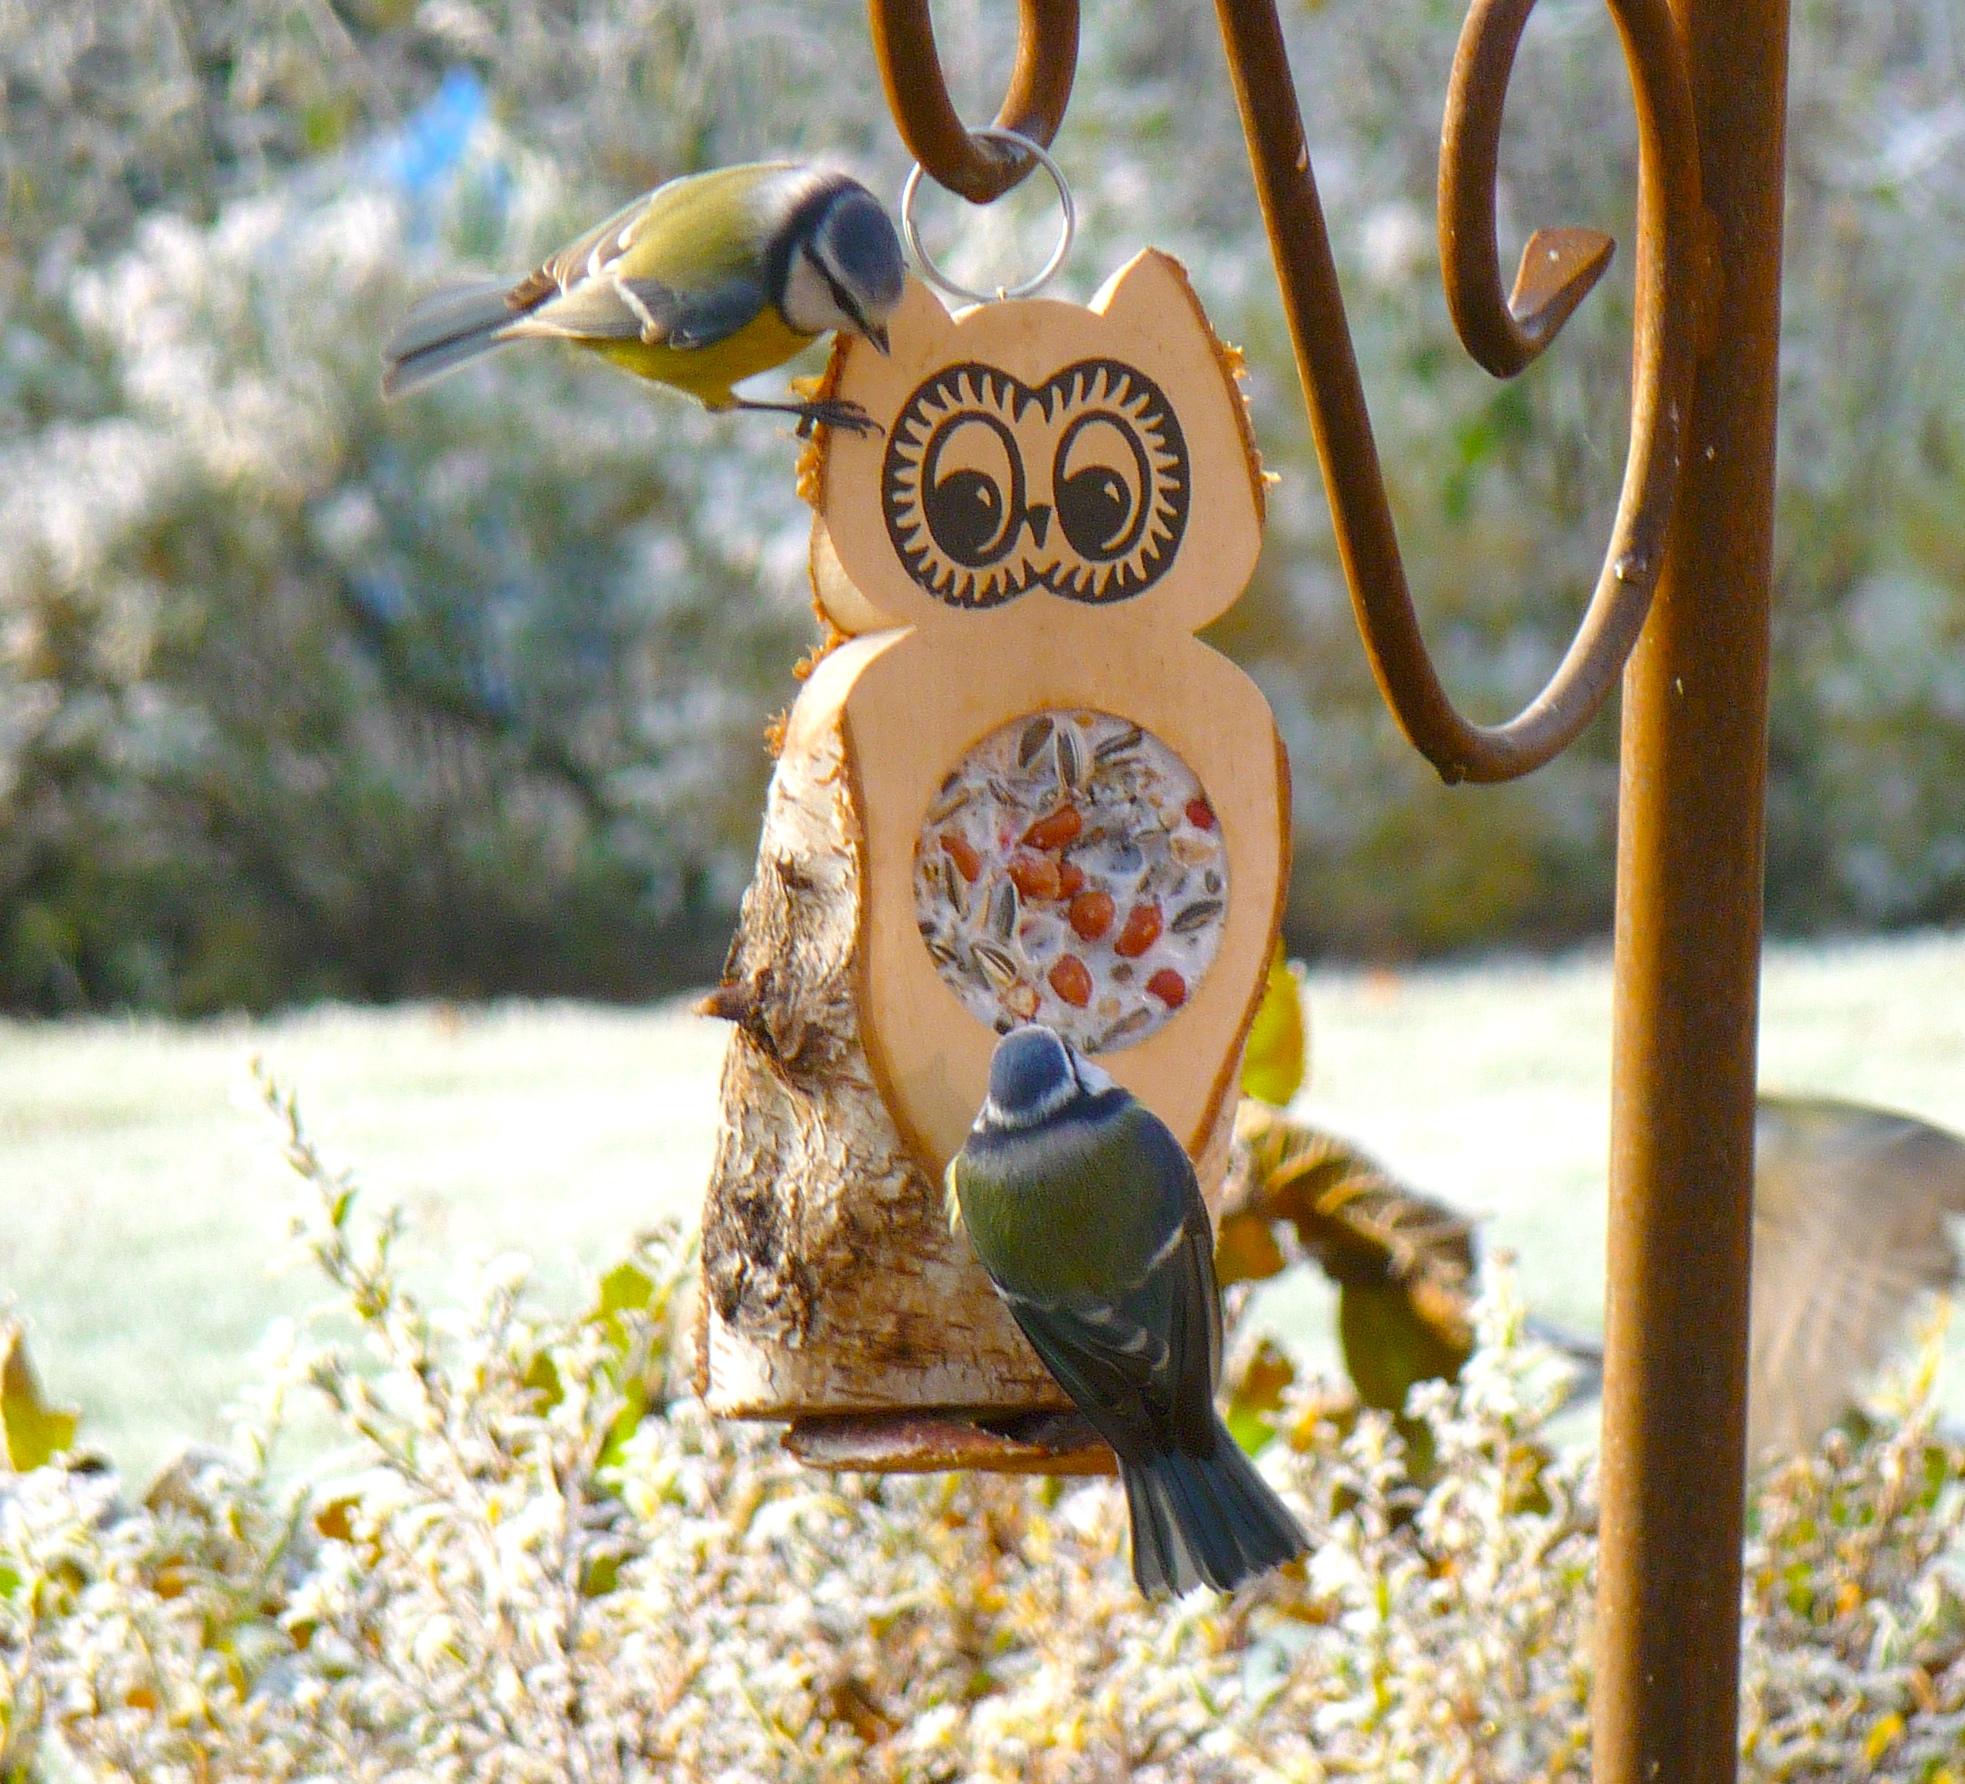 futtereule mit einem futterloch vogel und naturschutzprodukte einfach online kaufen. Black Bedroom Furniture Sets. Home Design Ideas